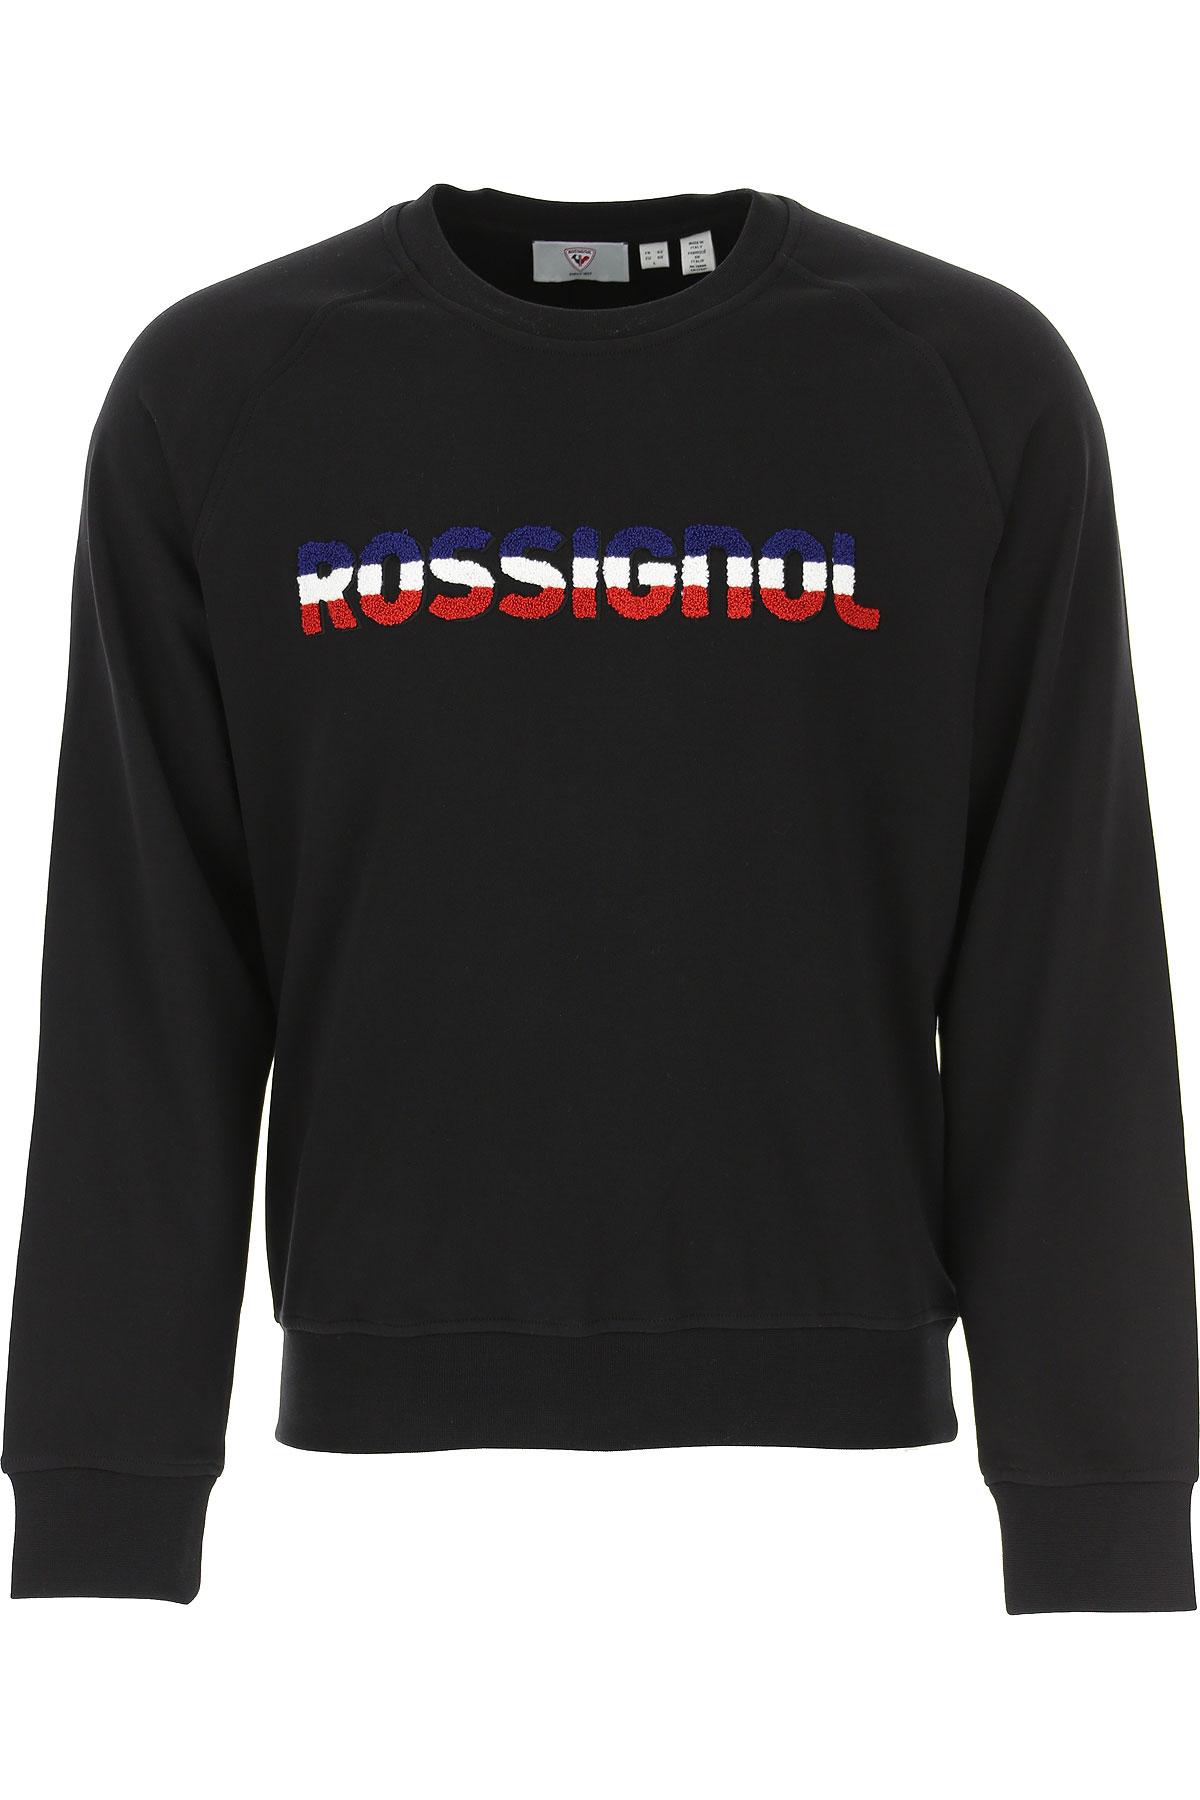 Rossignol Sweatshirt for Men On Sale, Black, Cotton, 2019, M XL